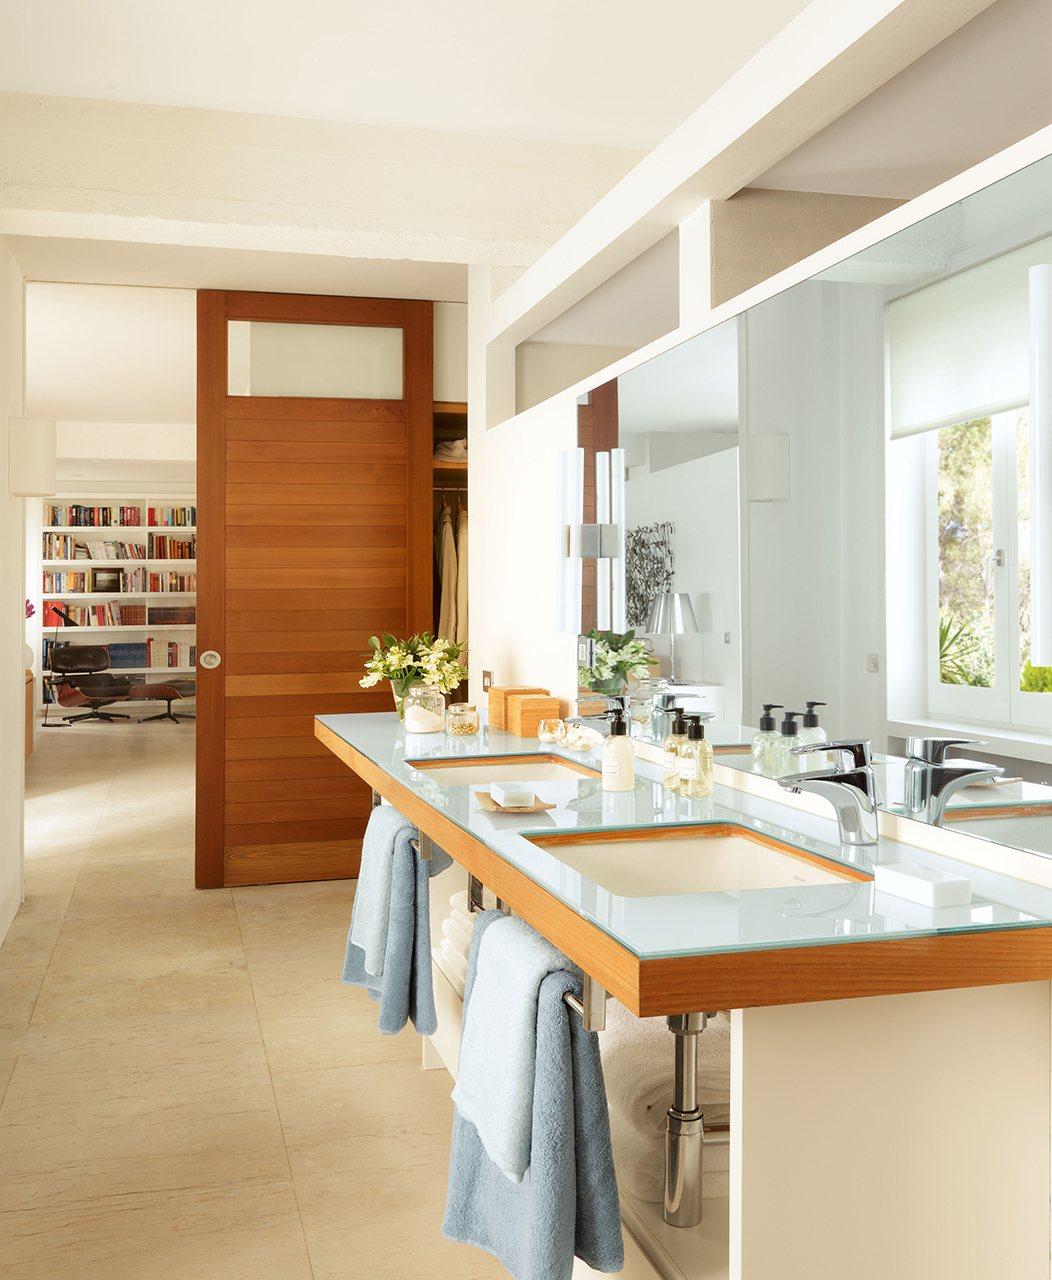 bao con dos lavabos sobre una encimera de madera y cristal y una puerta corredera de madera hacia una sala de estar